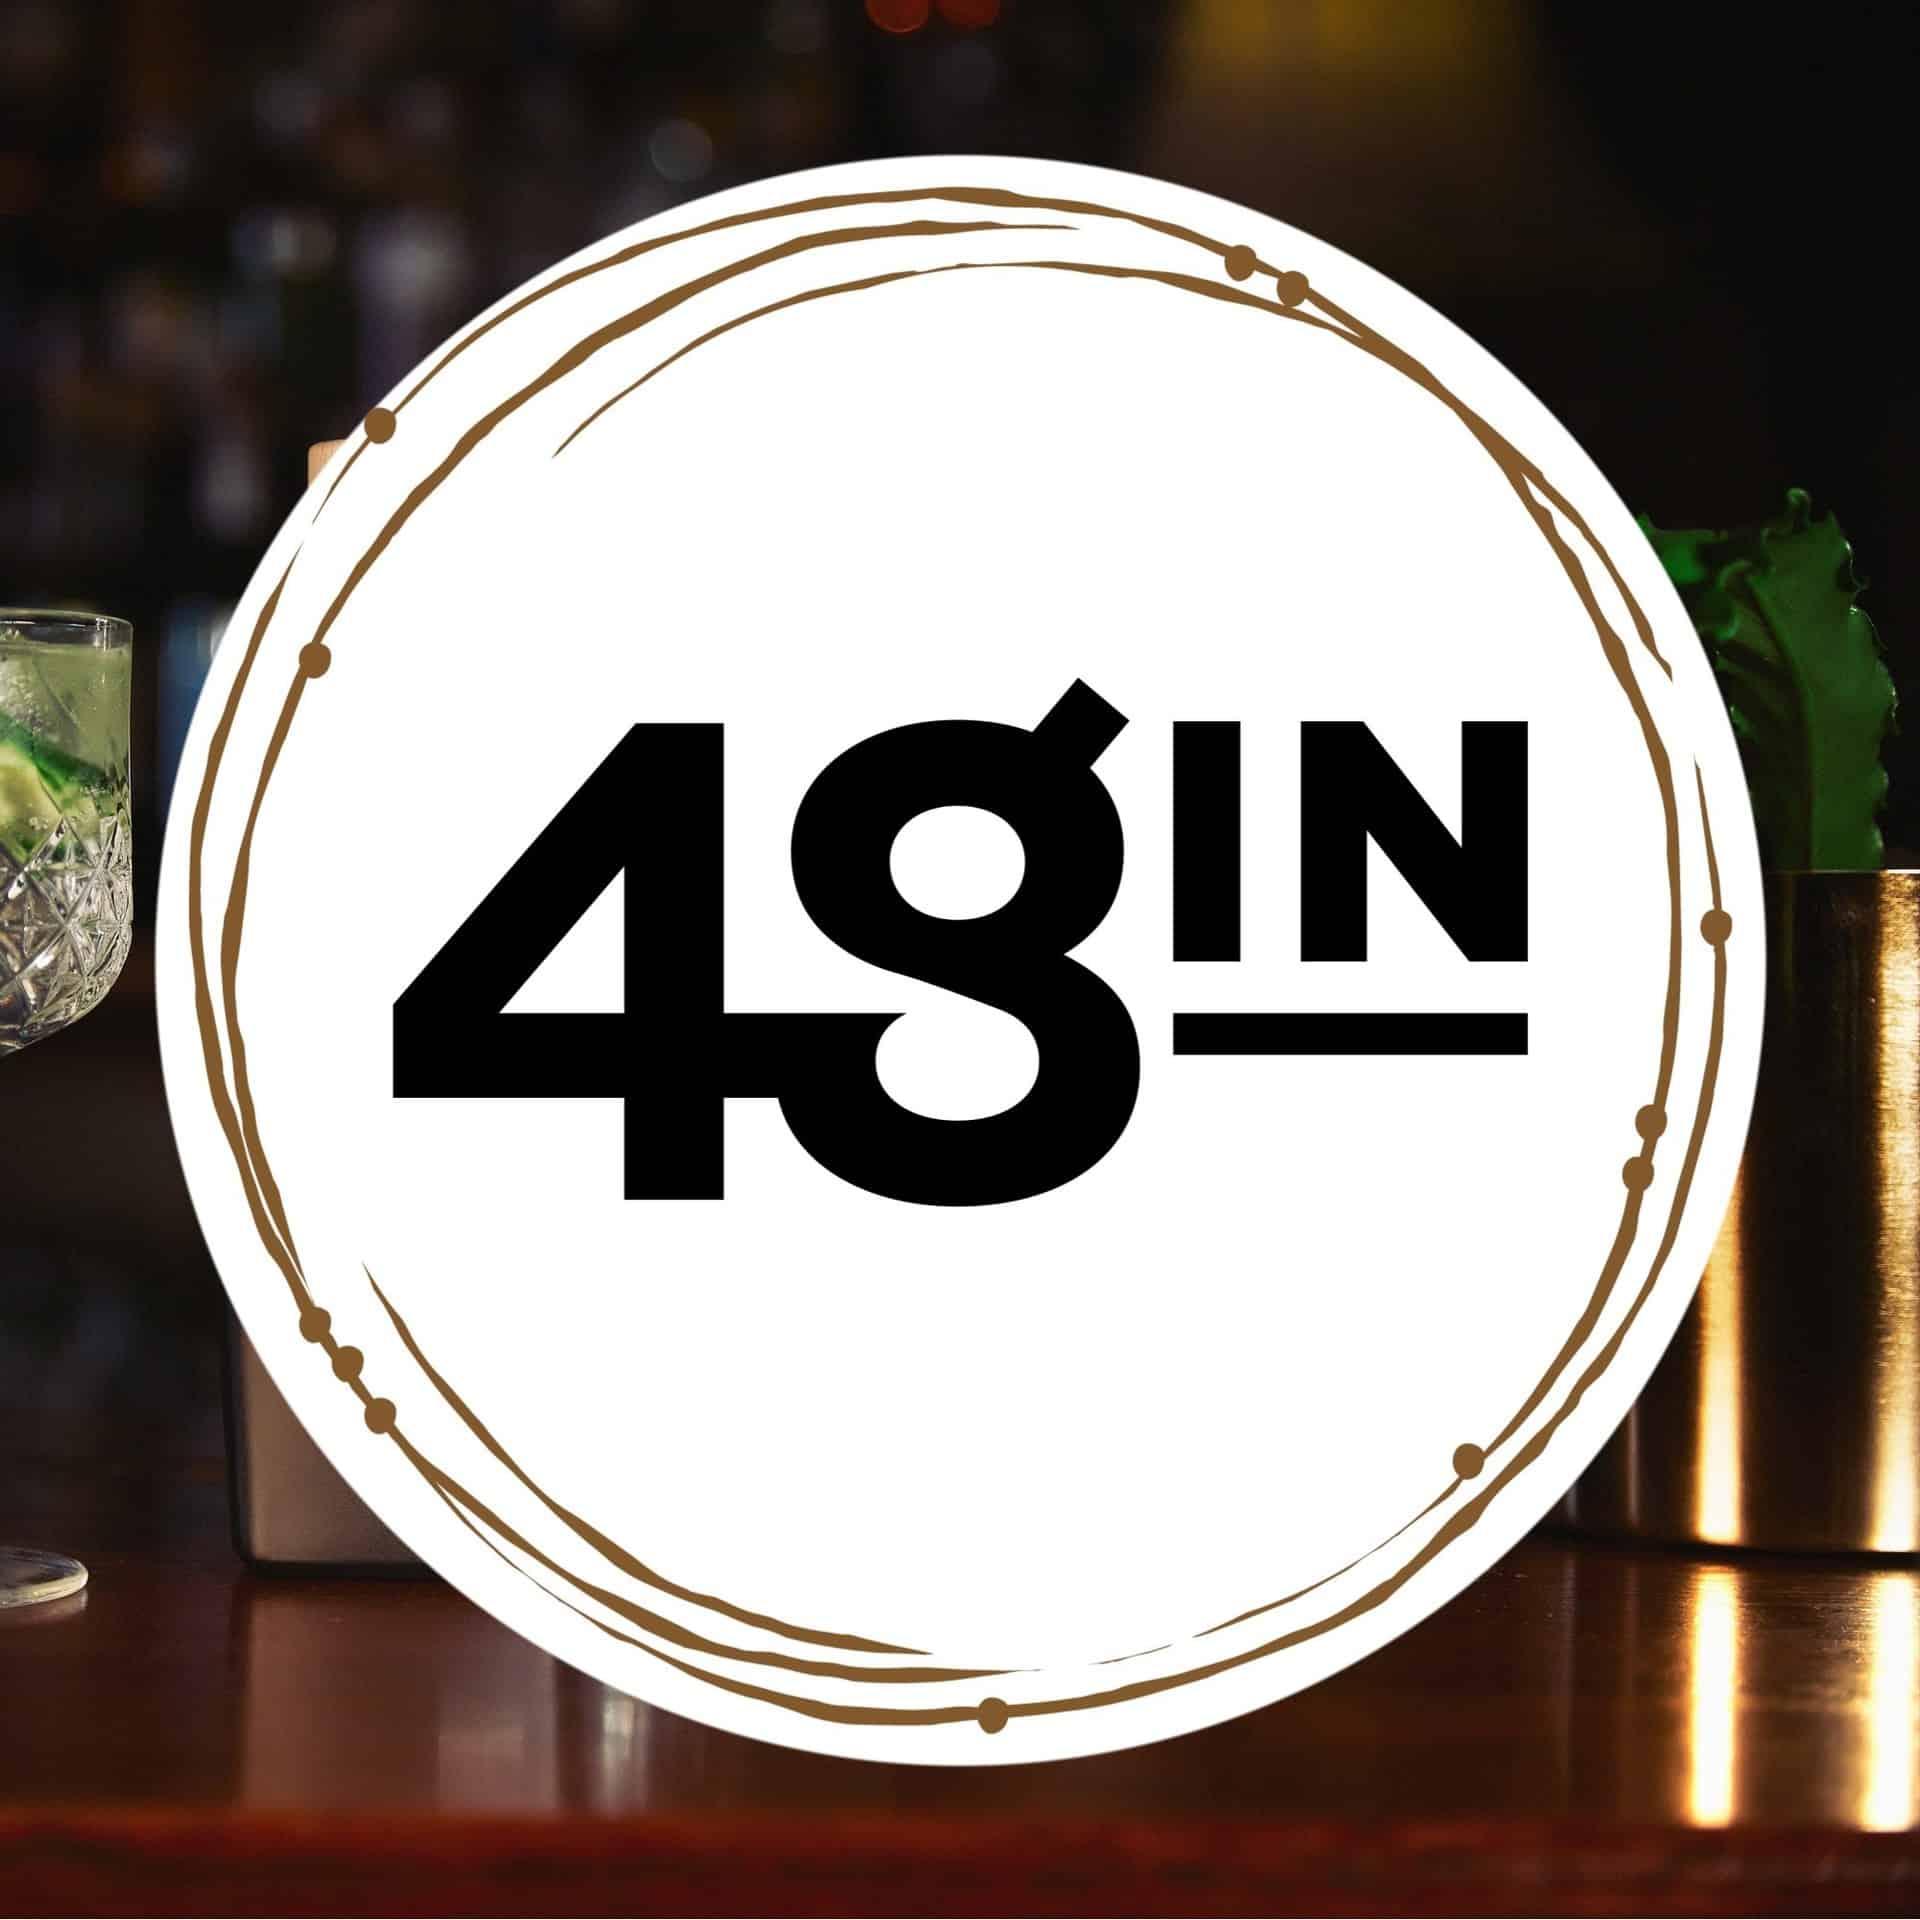 48 Gin